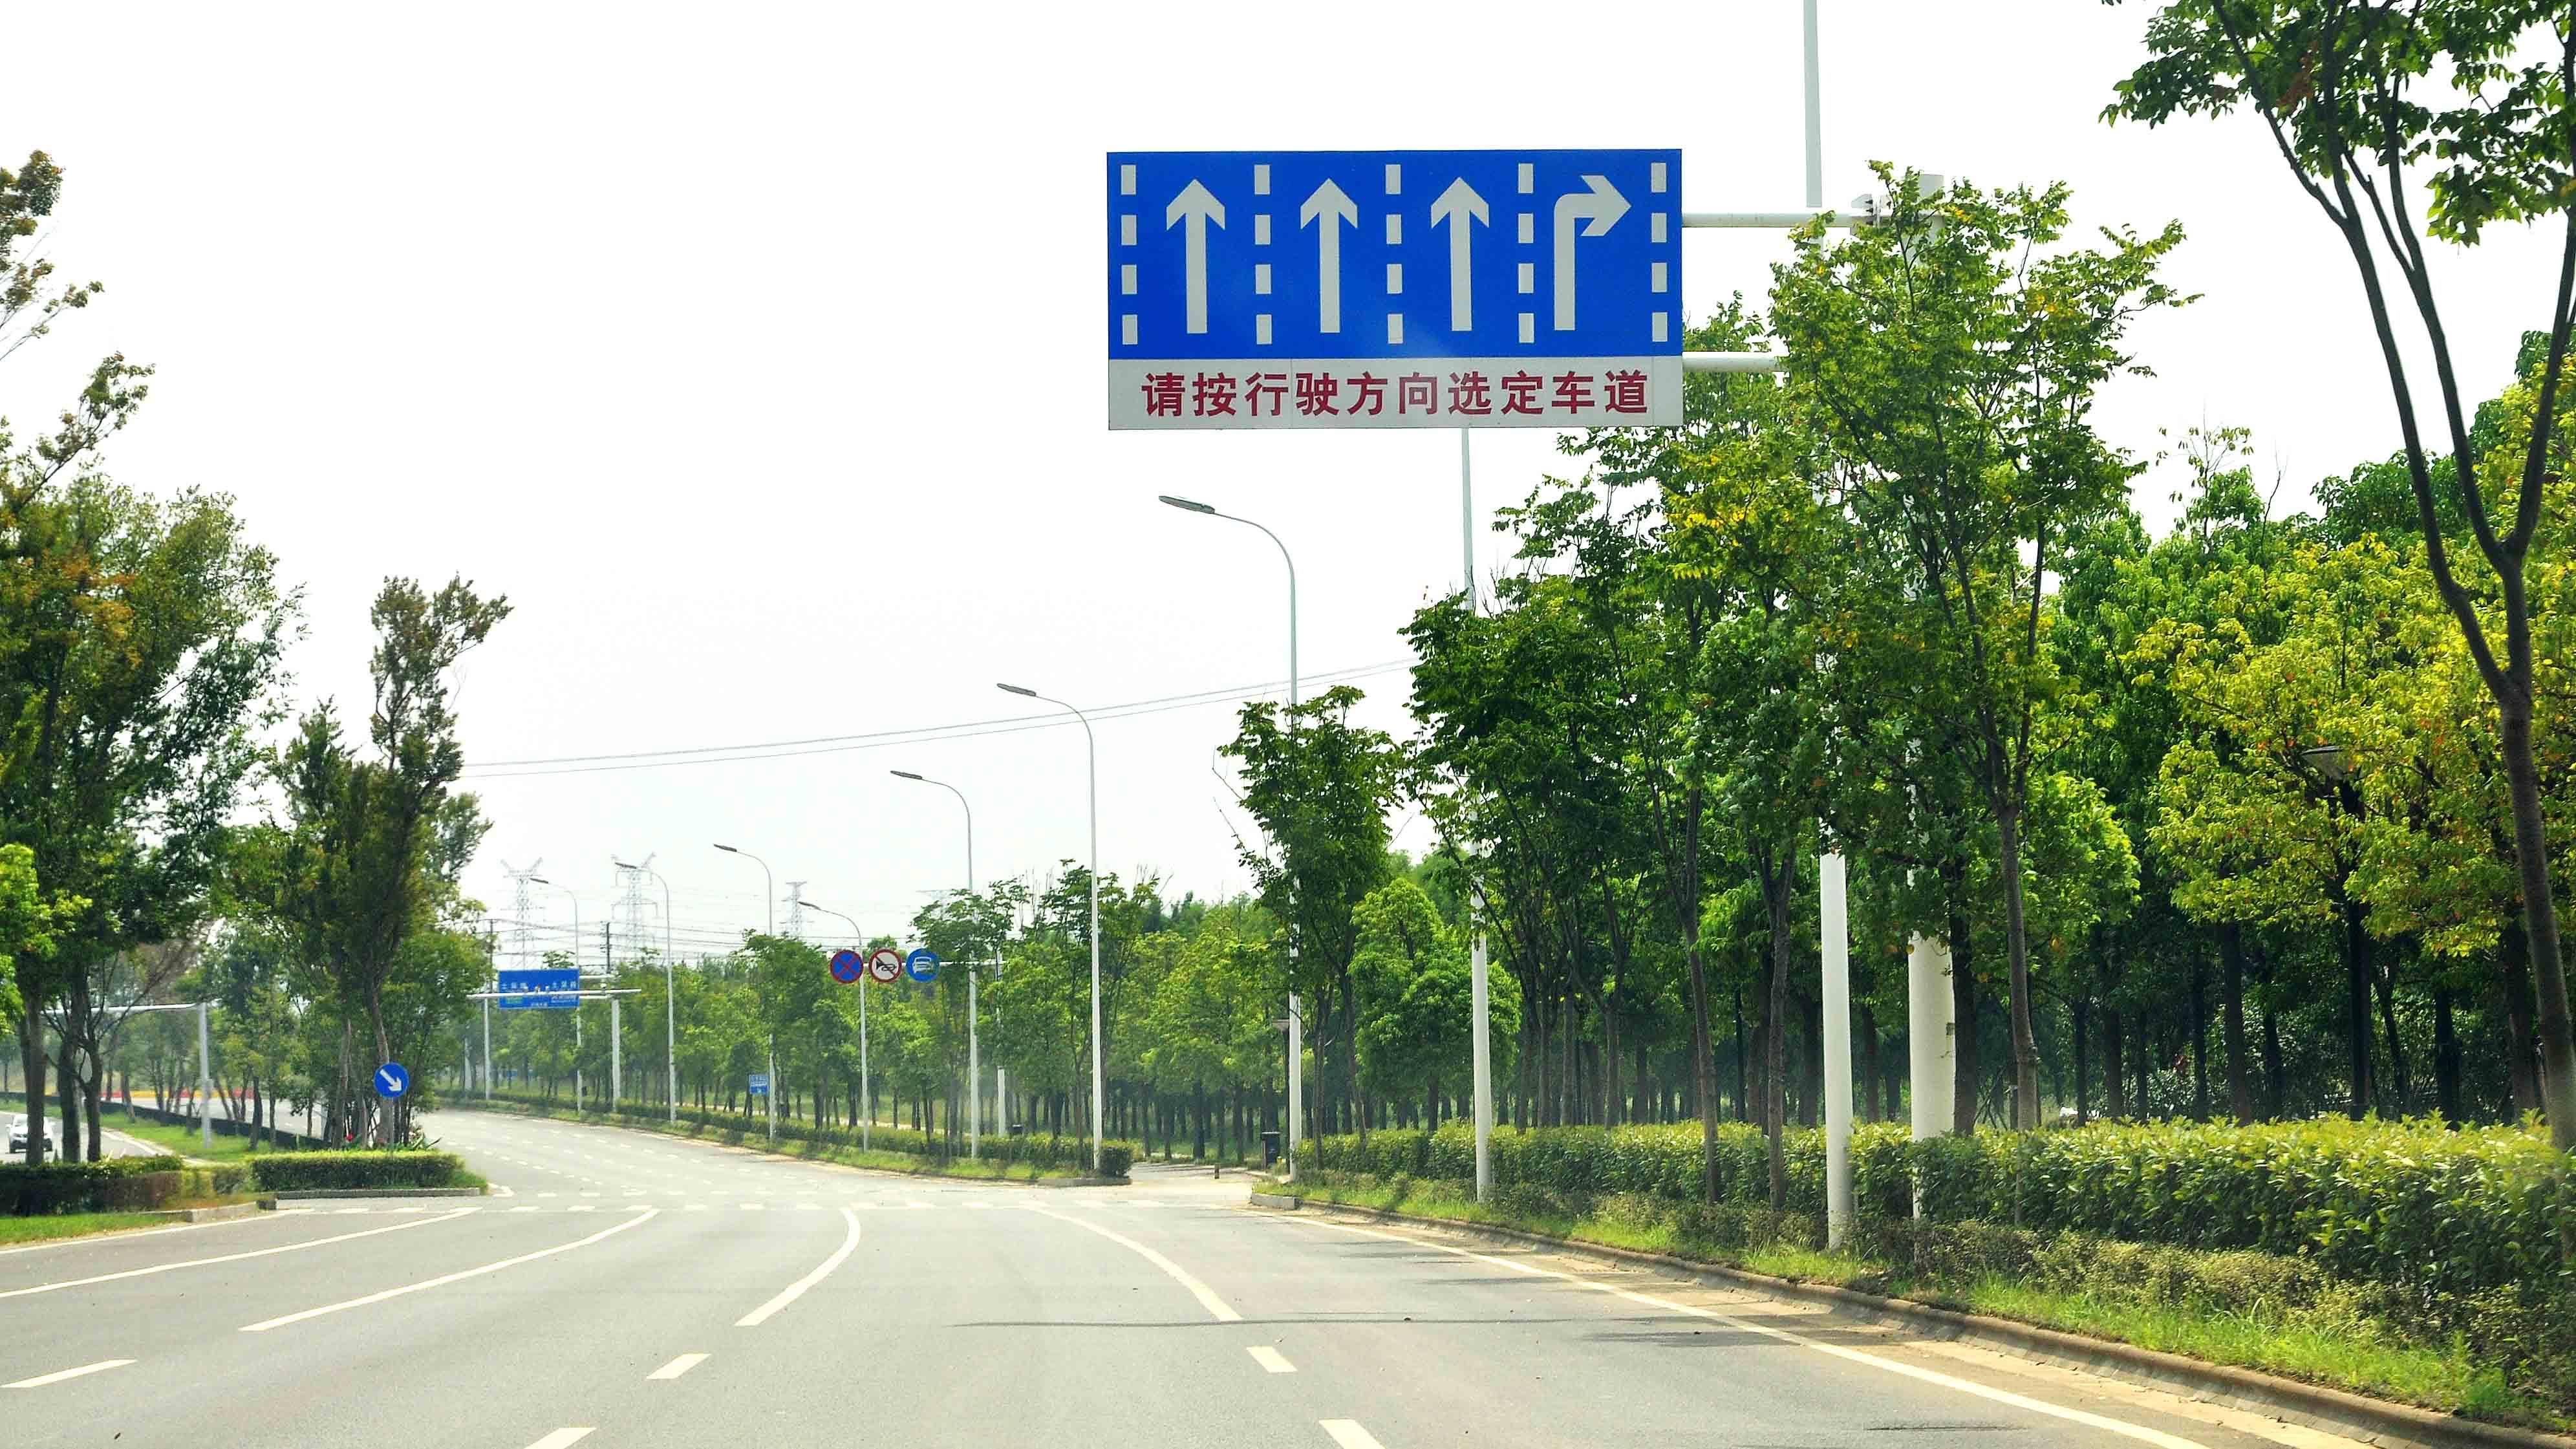 黄梅小池湖北大道园林千亿国际娱乐